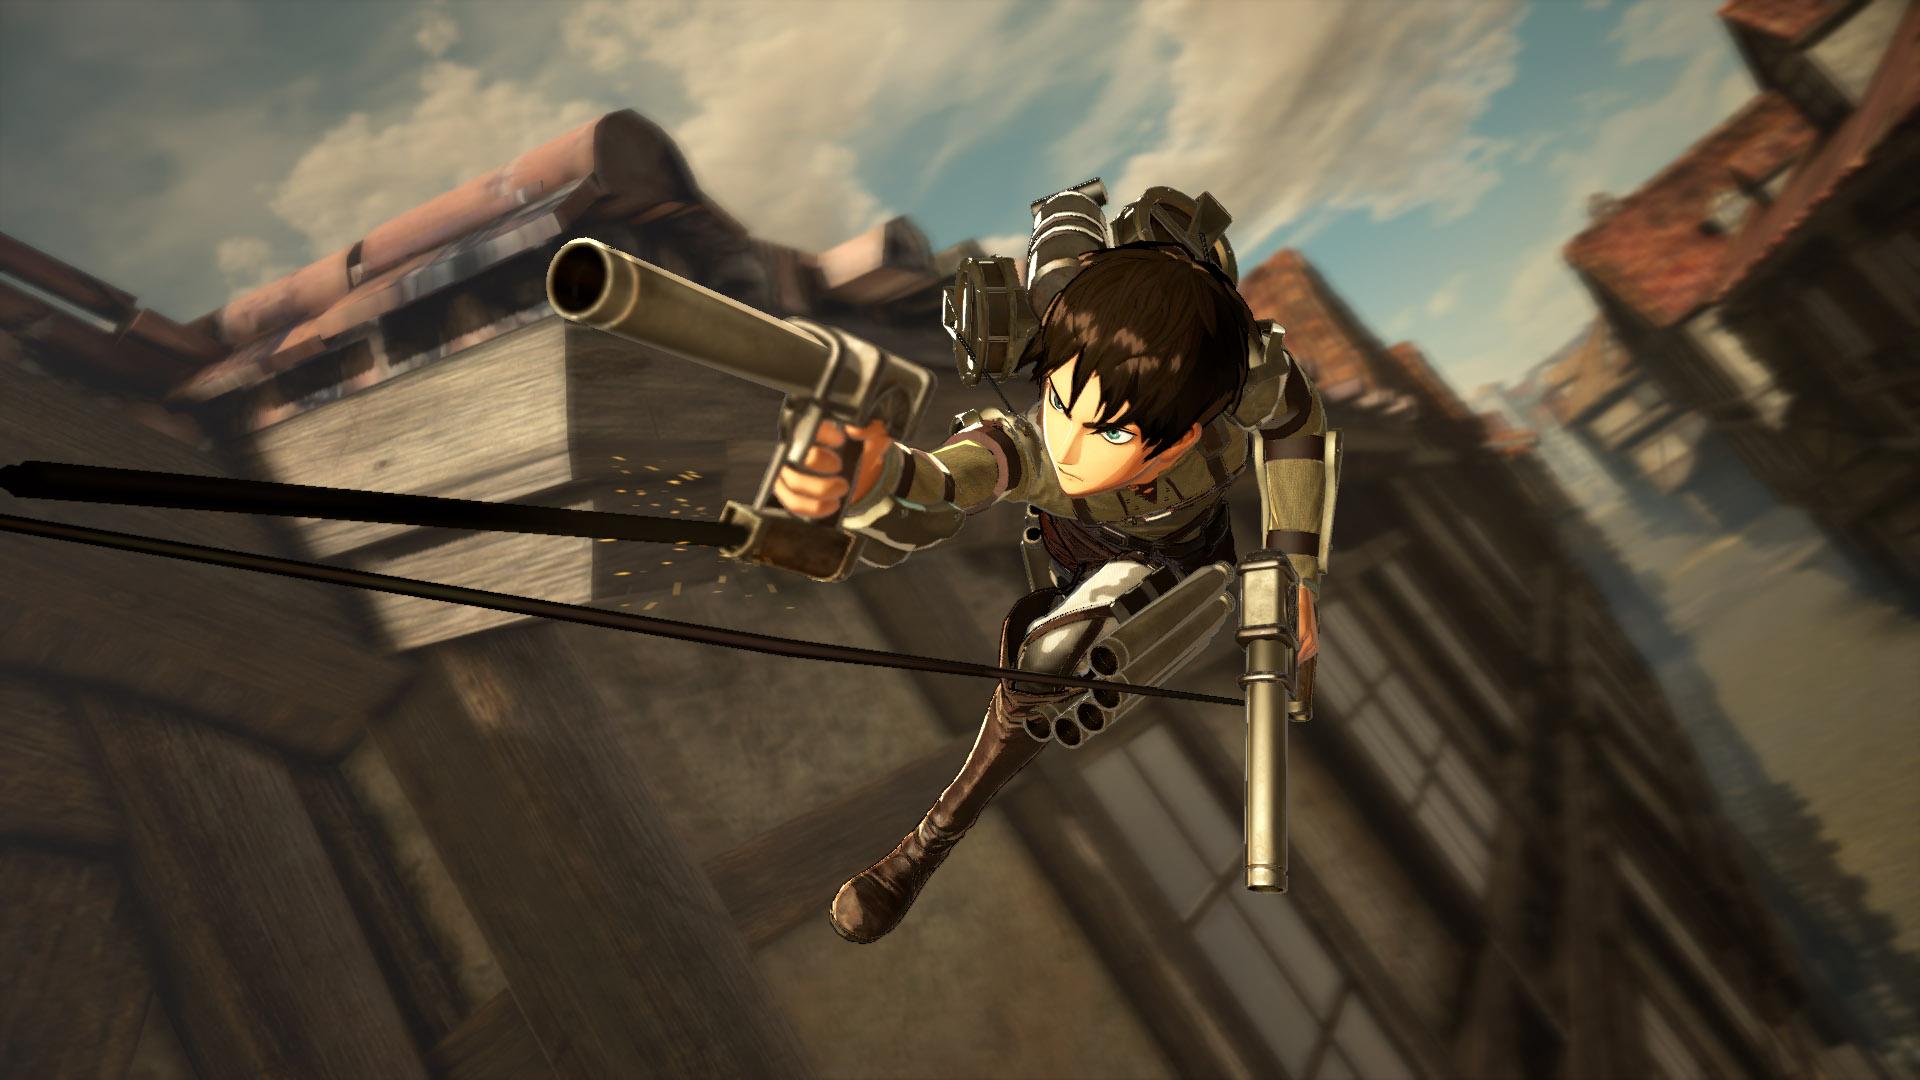 Скриншот Attack on Titan 2 Final Battle скачать торрент бесплатно